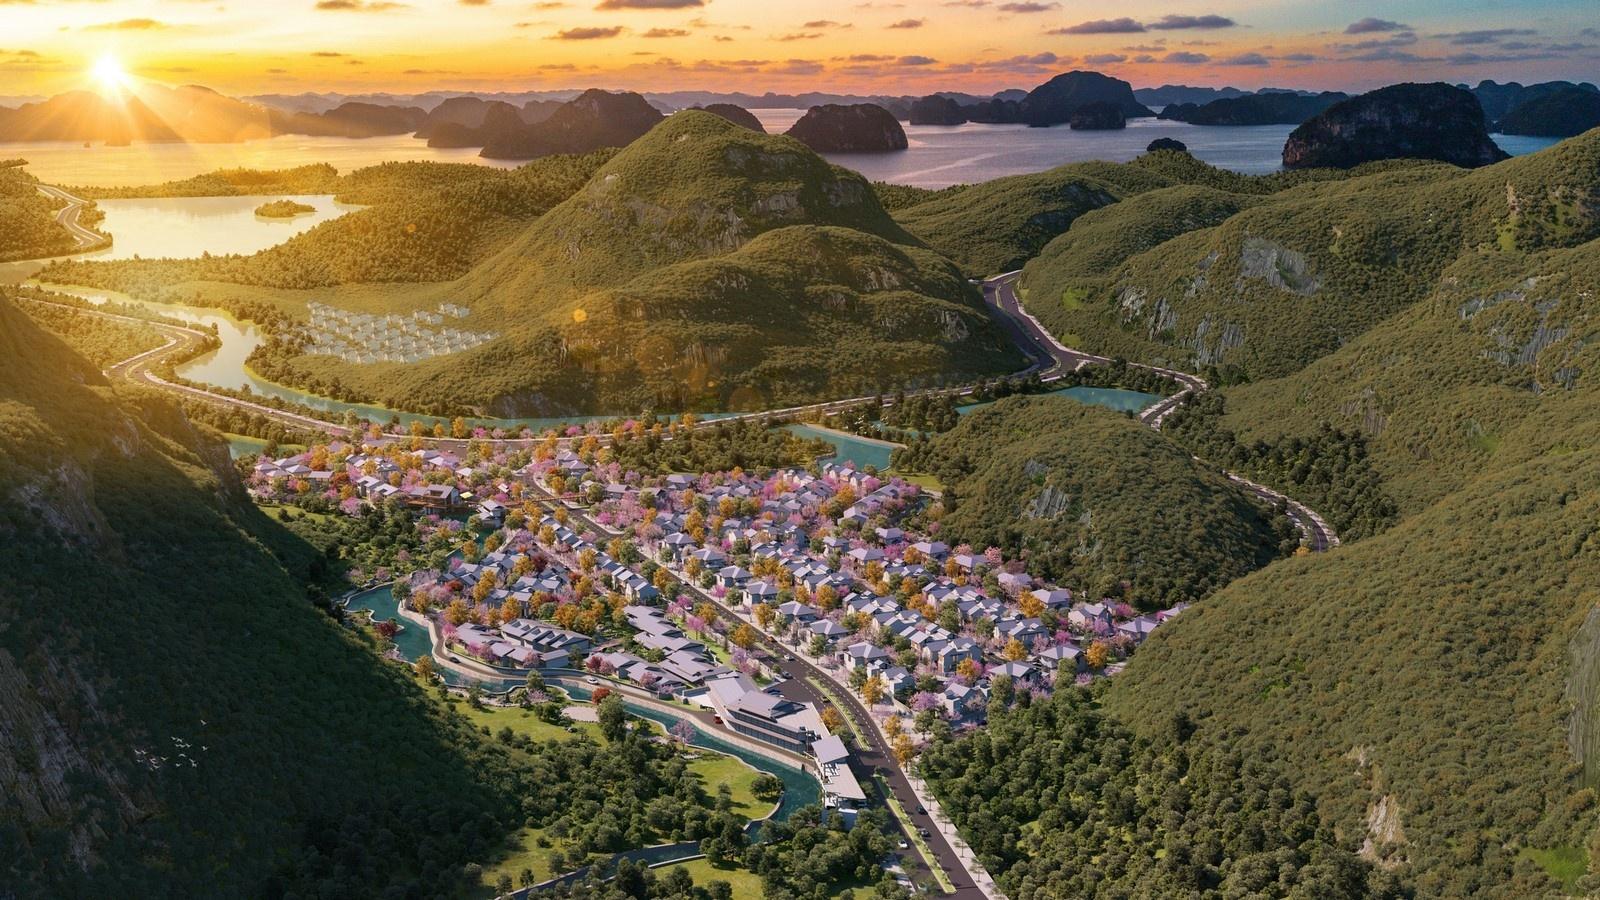 Suối khoáng nóng Quang Hanh - tâm điểm nghỉ dưỡng phía Bắc của giới thượng lưu 6